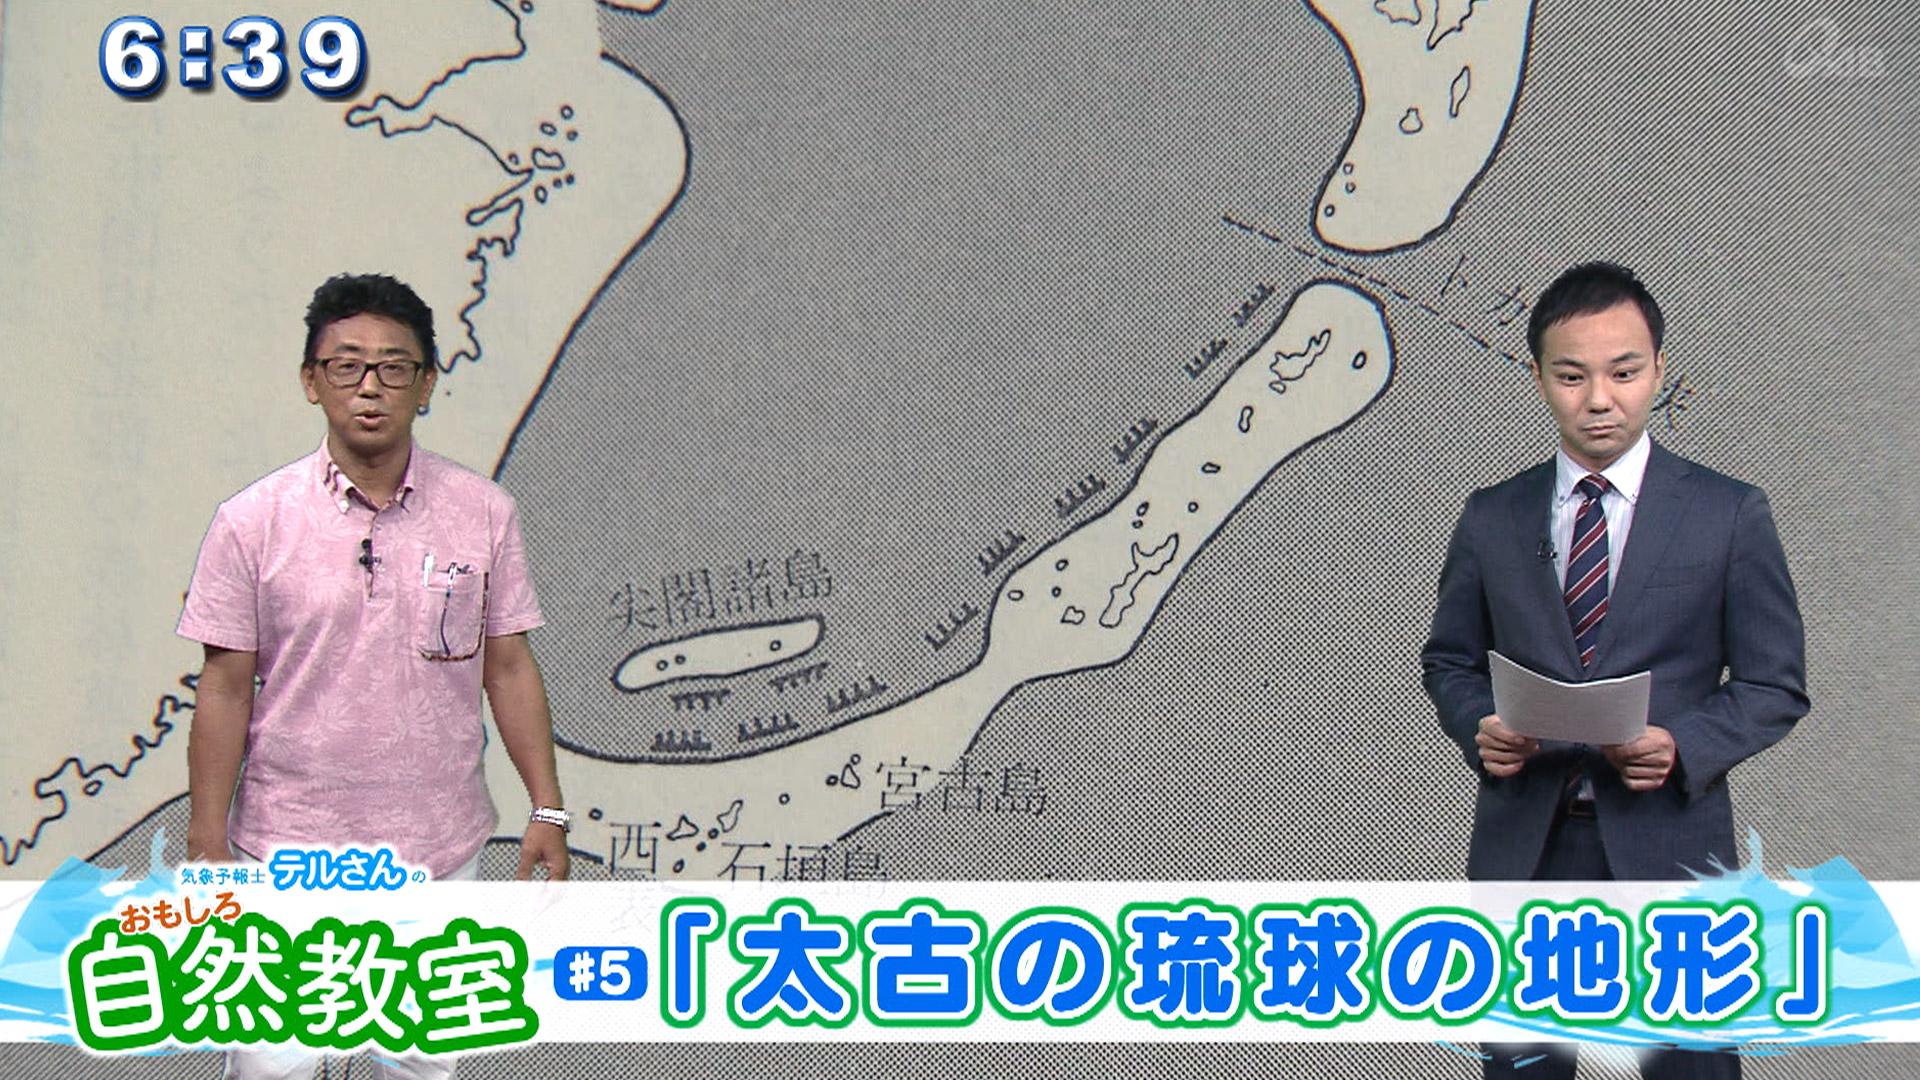 気象予報士テルさんのおもしろ自然教室 #5「太古の琉球の地形」